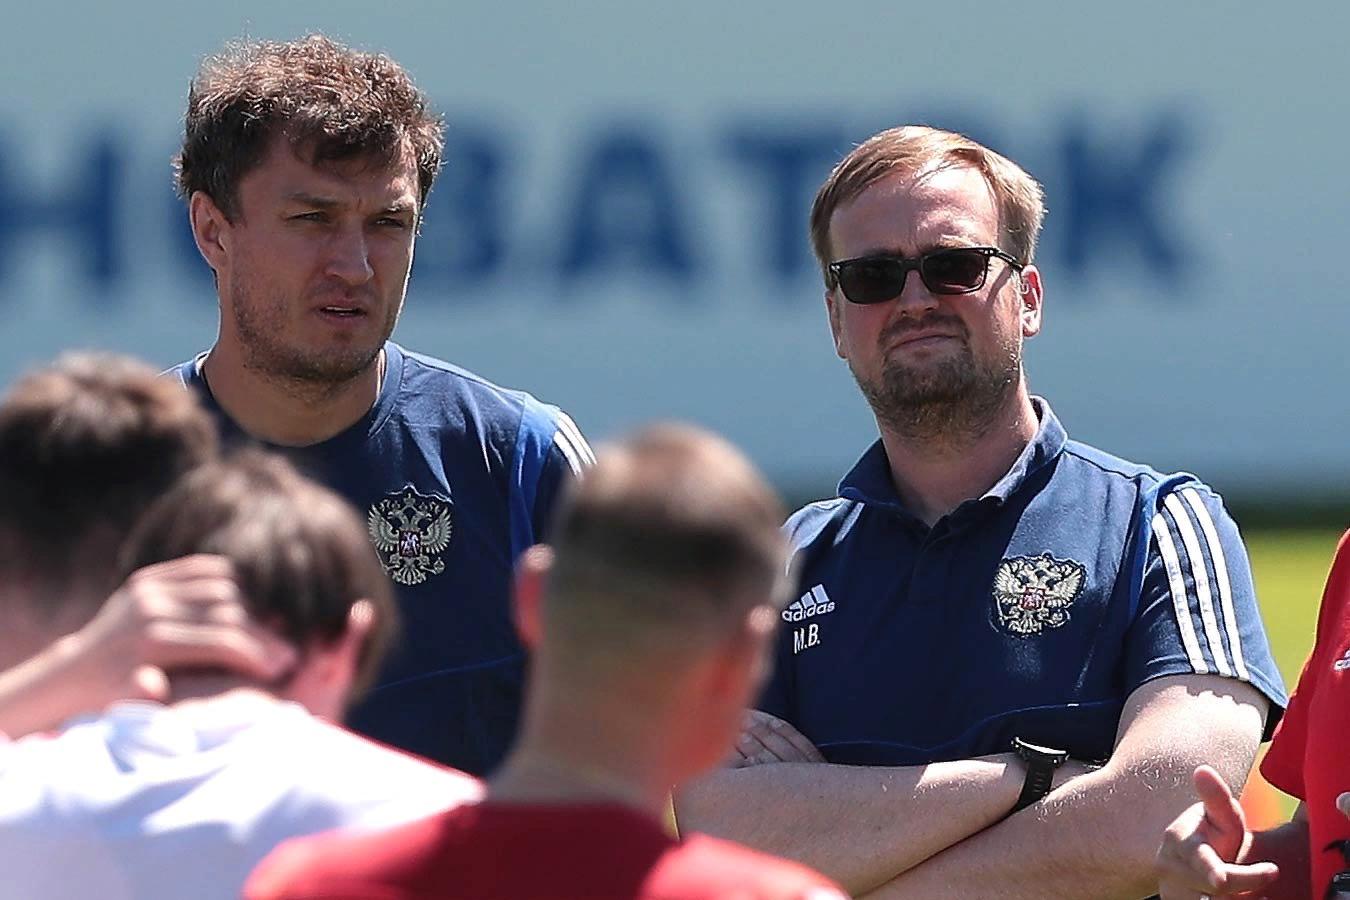 В сборной России будет новый медицинский штаб и менеджер команды. И это нормальный процесс